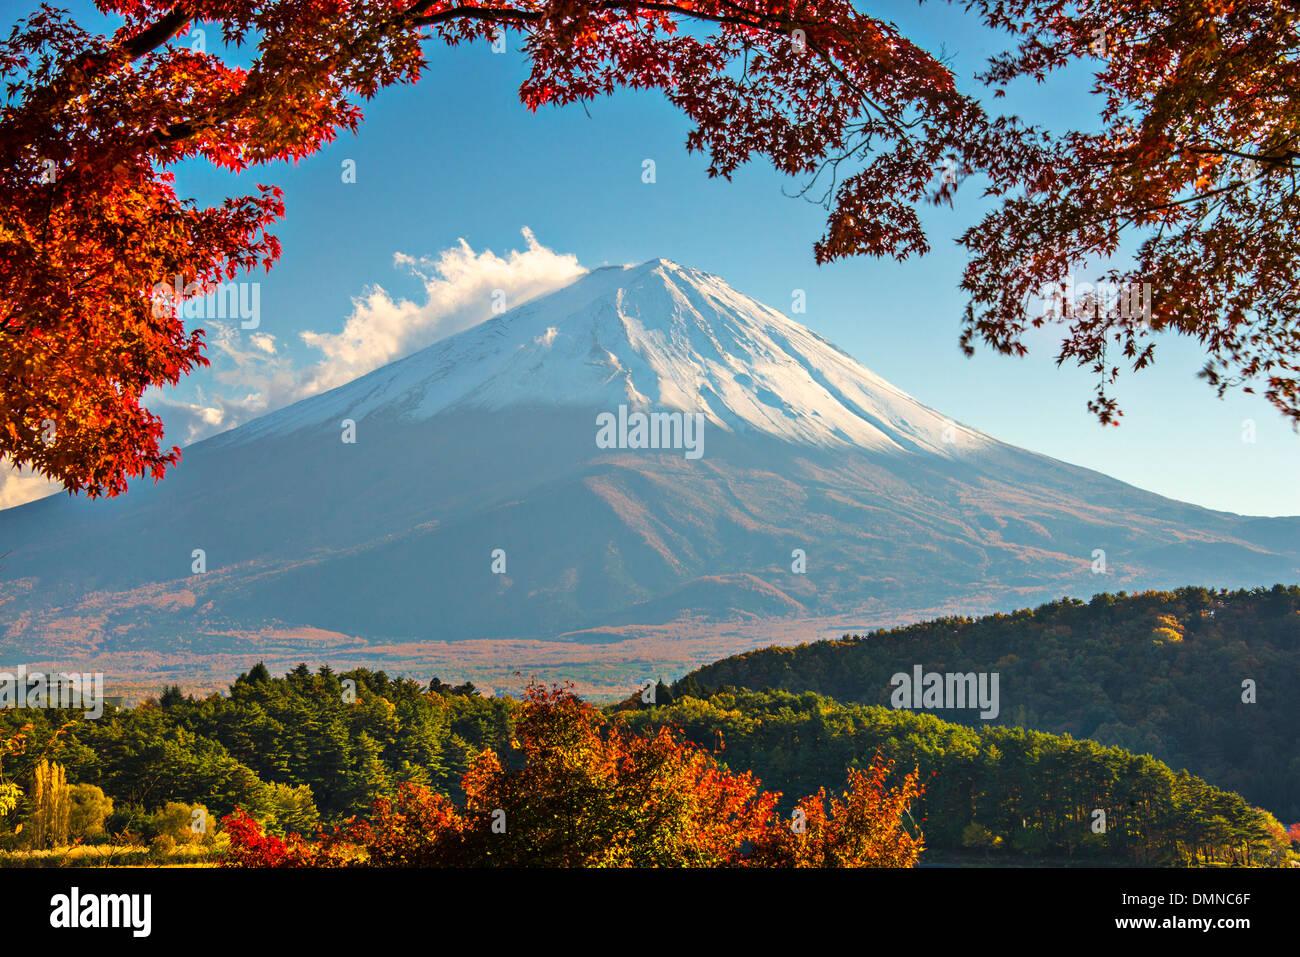 Mt. Fuji mit Herbst Laub in Japan. Stockfoto